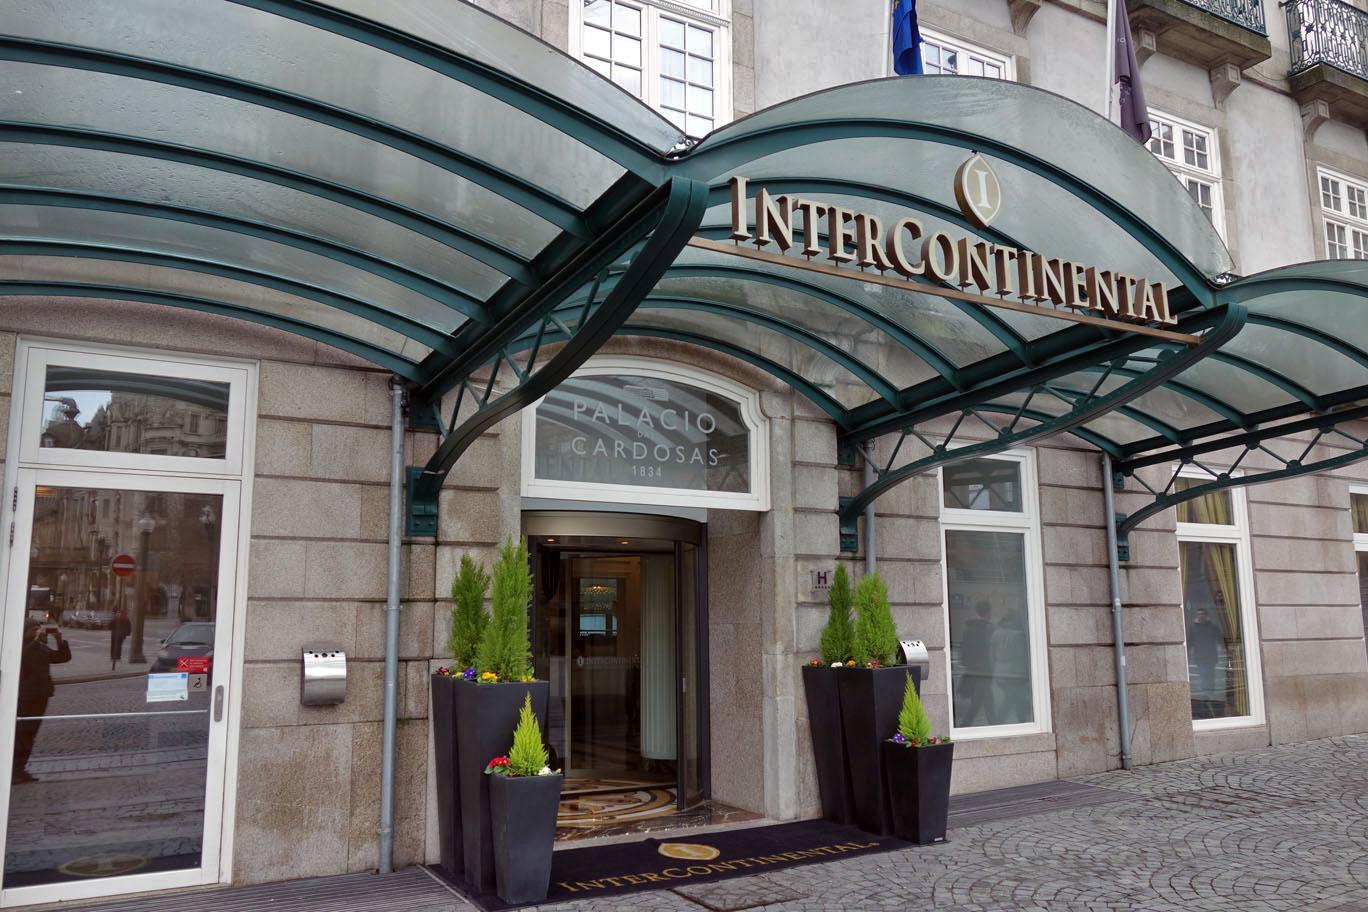 Действуют ли бенефиты IHG Rewards Club в InterContinental, а бенефиты Ambassador – в других брендах IHG?